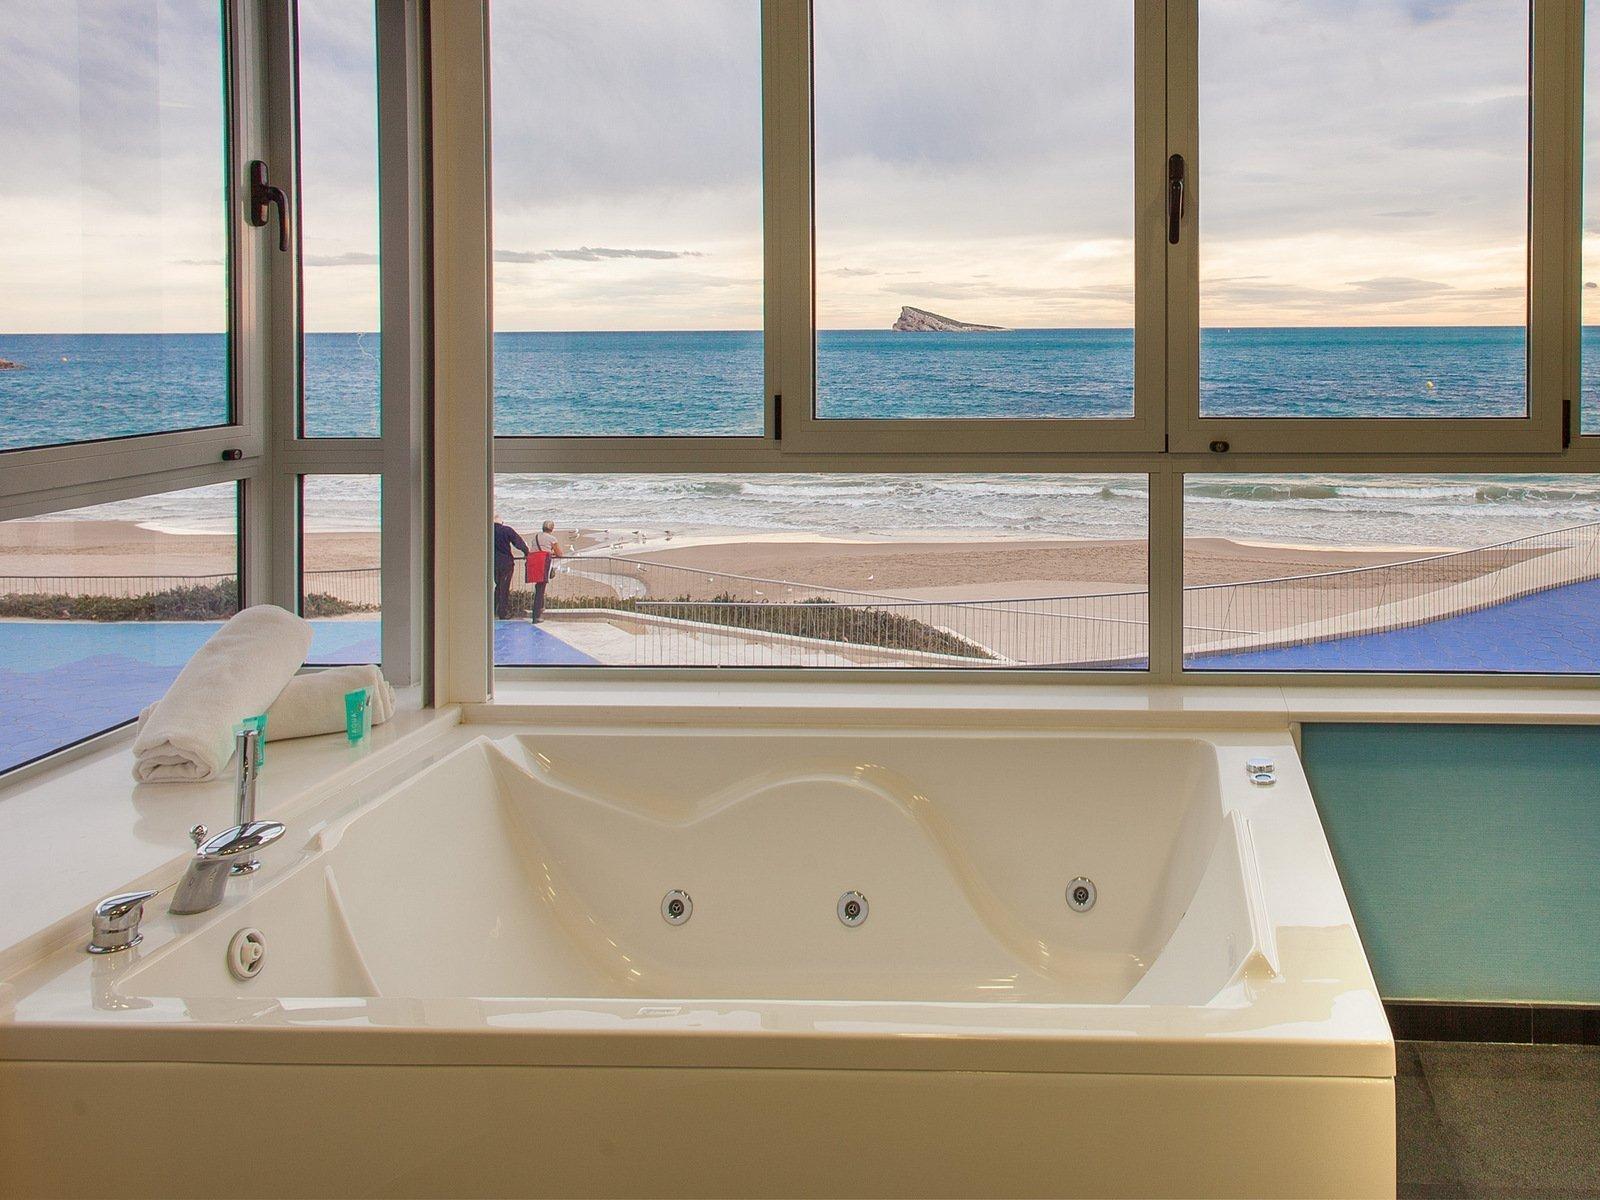 Villa del mar hotel web oficial hotel encanto 4 for Hoteles con habitaciones familiares en benidorm